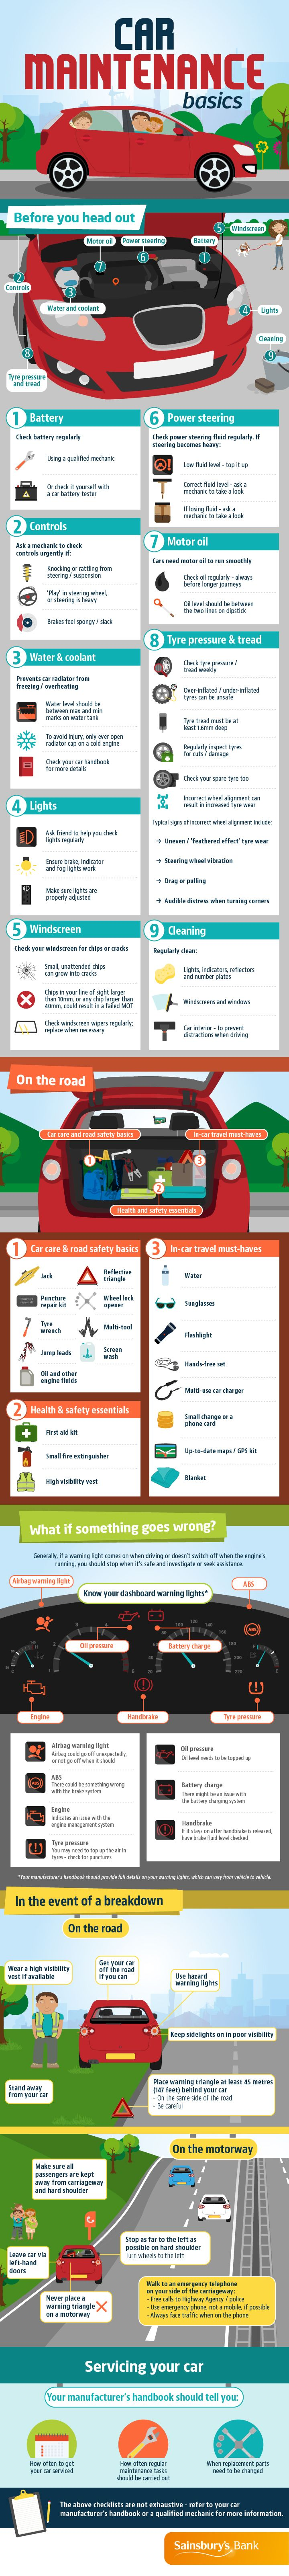 diy car maintenance guide